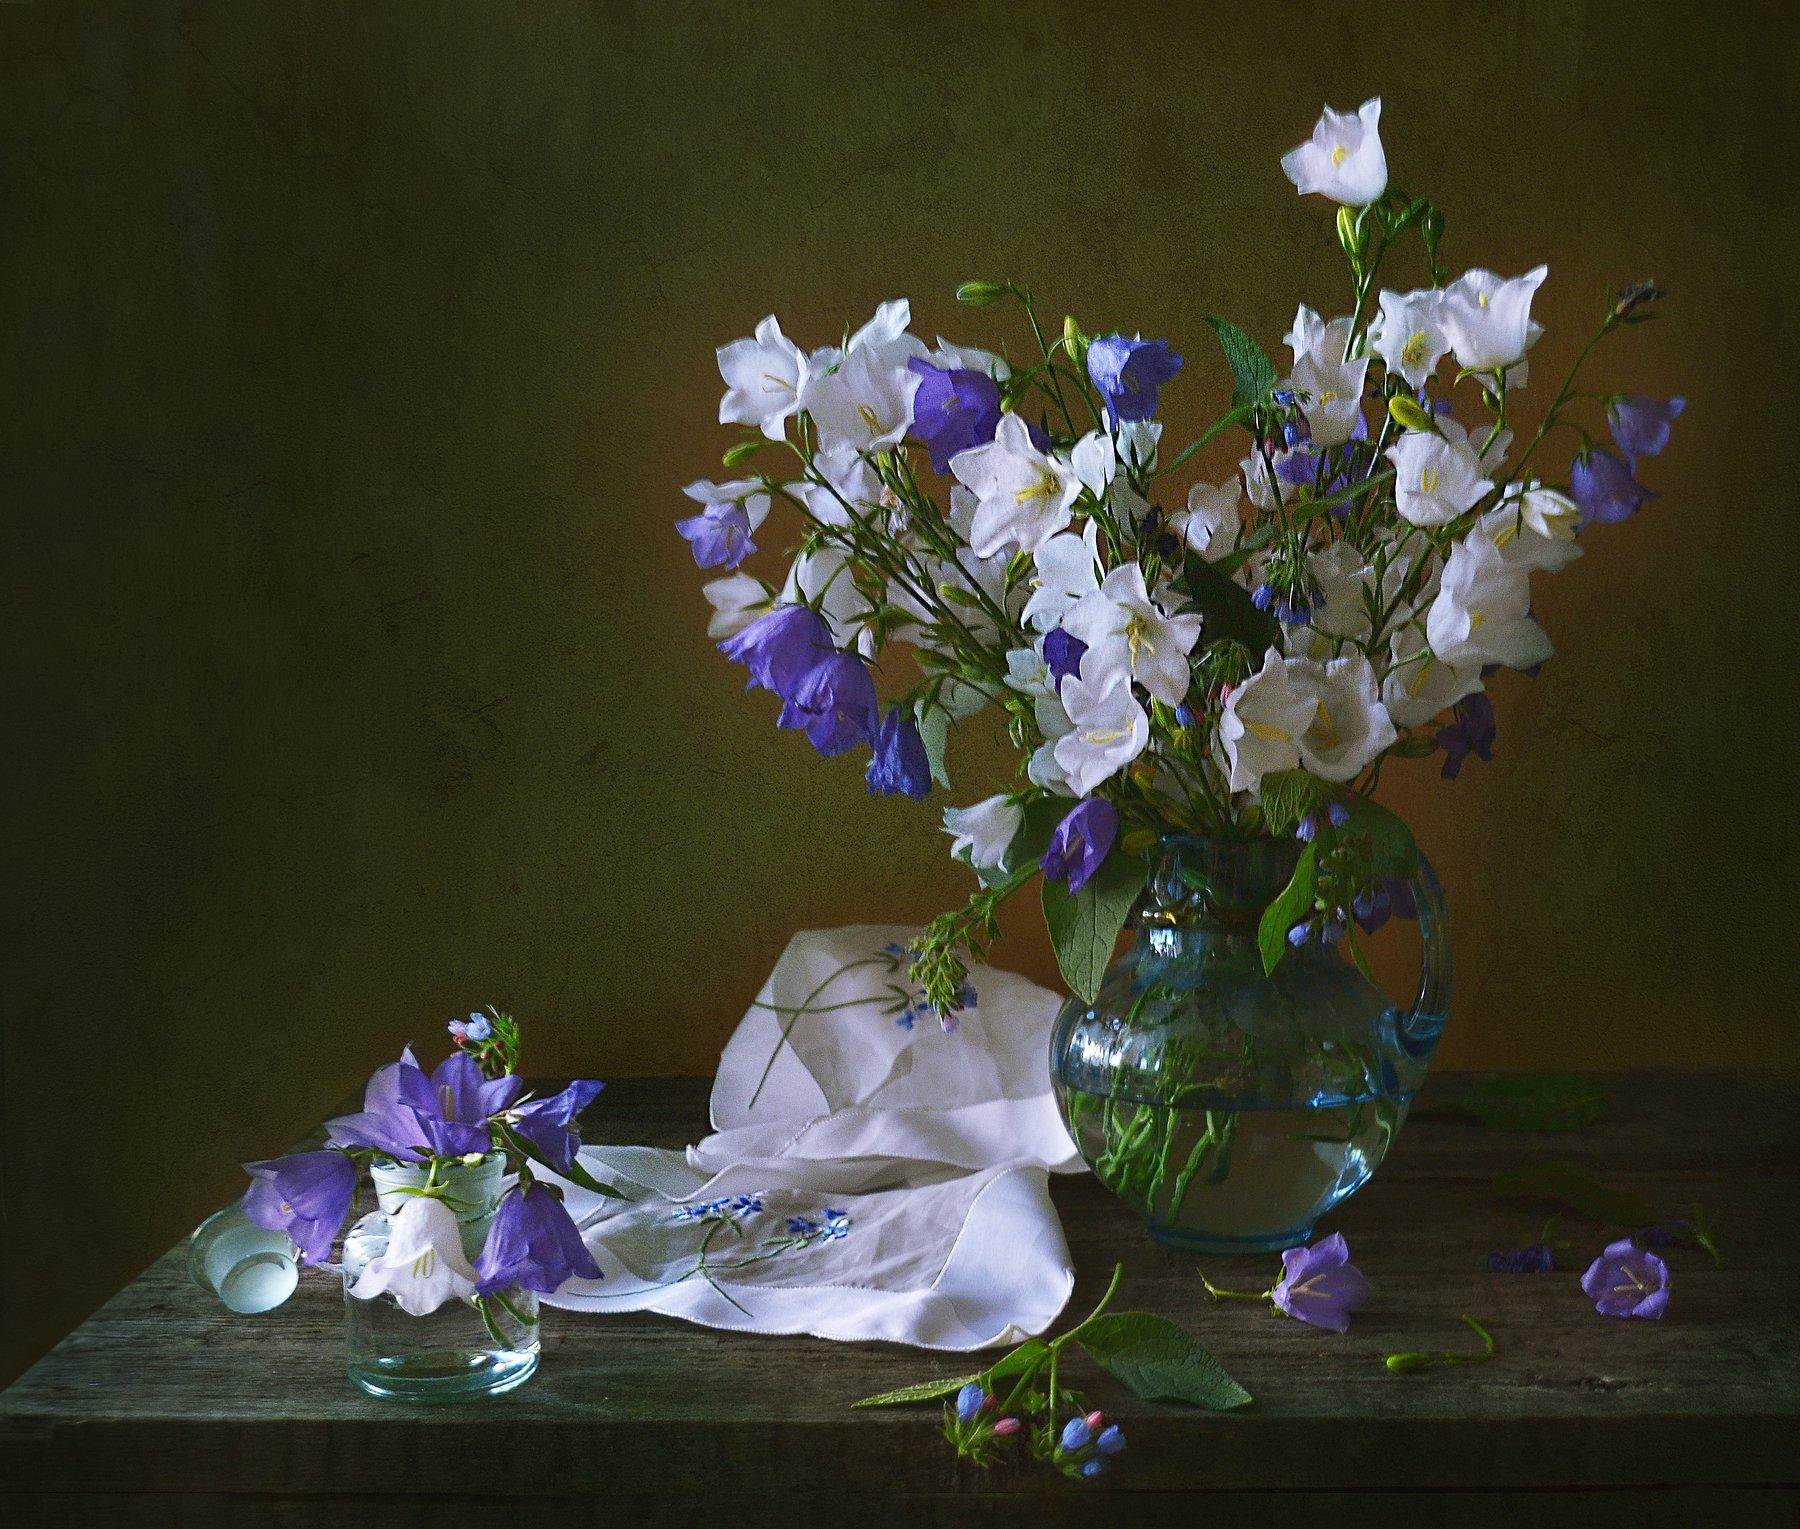 still life, натюрморт, цветы, фото натюрморт, колокольчики, настроение, лето, июль,  вечер, закат,, Колова Валентина